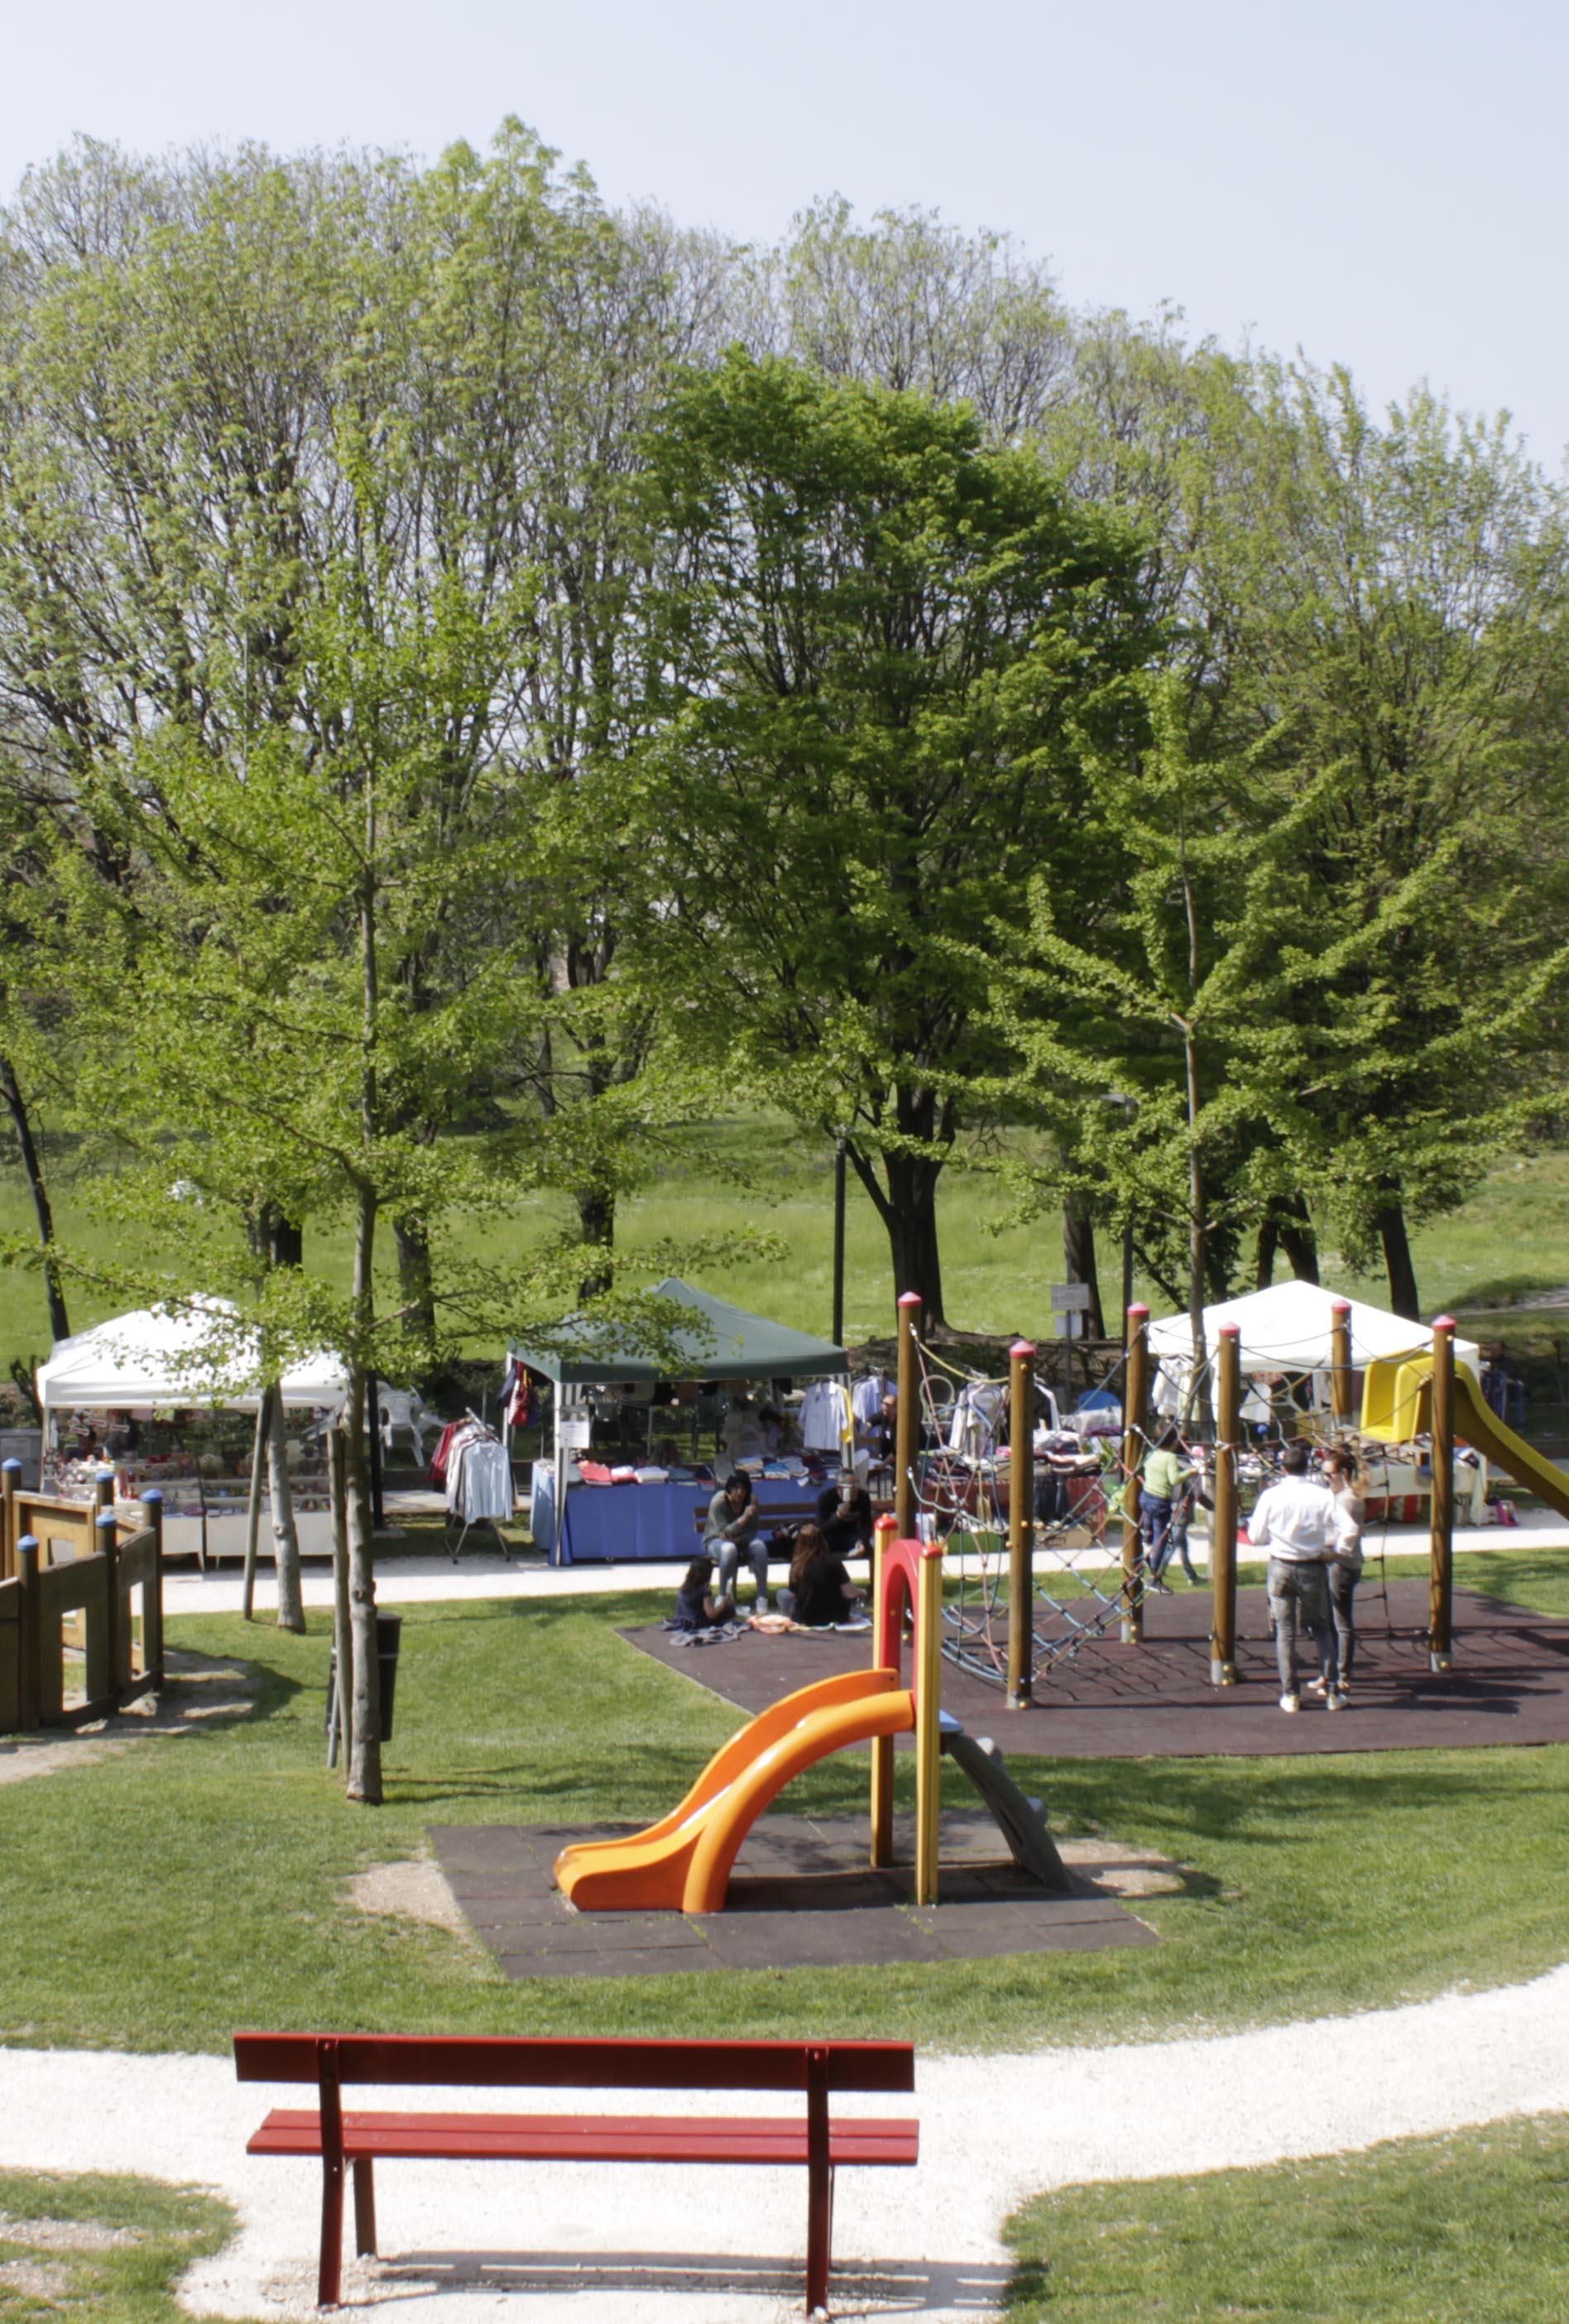 panchina e area giochi del parco pastore